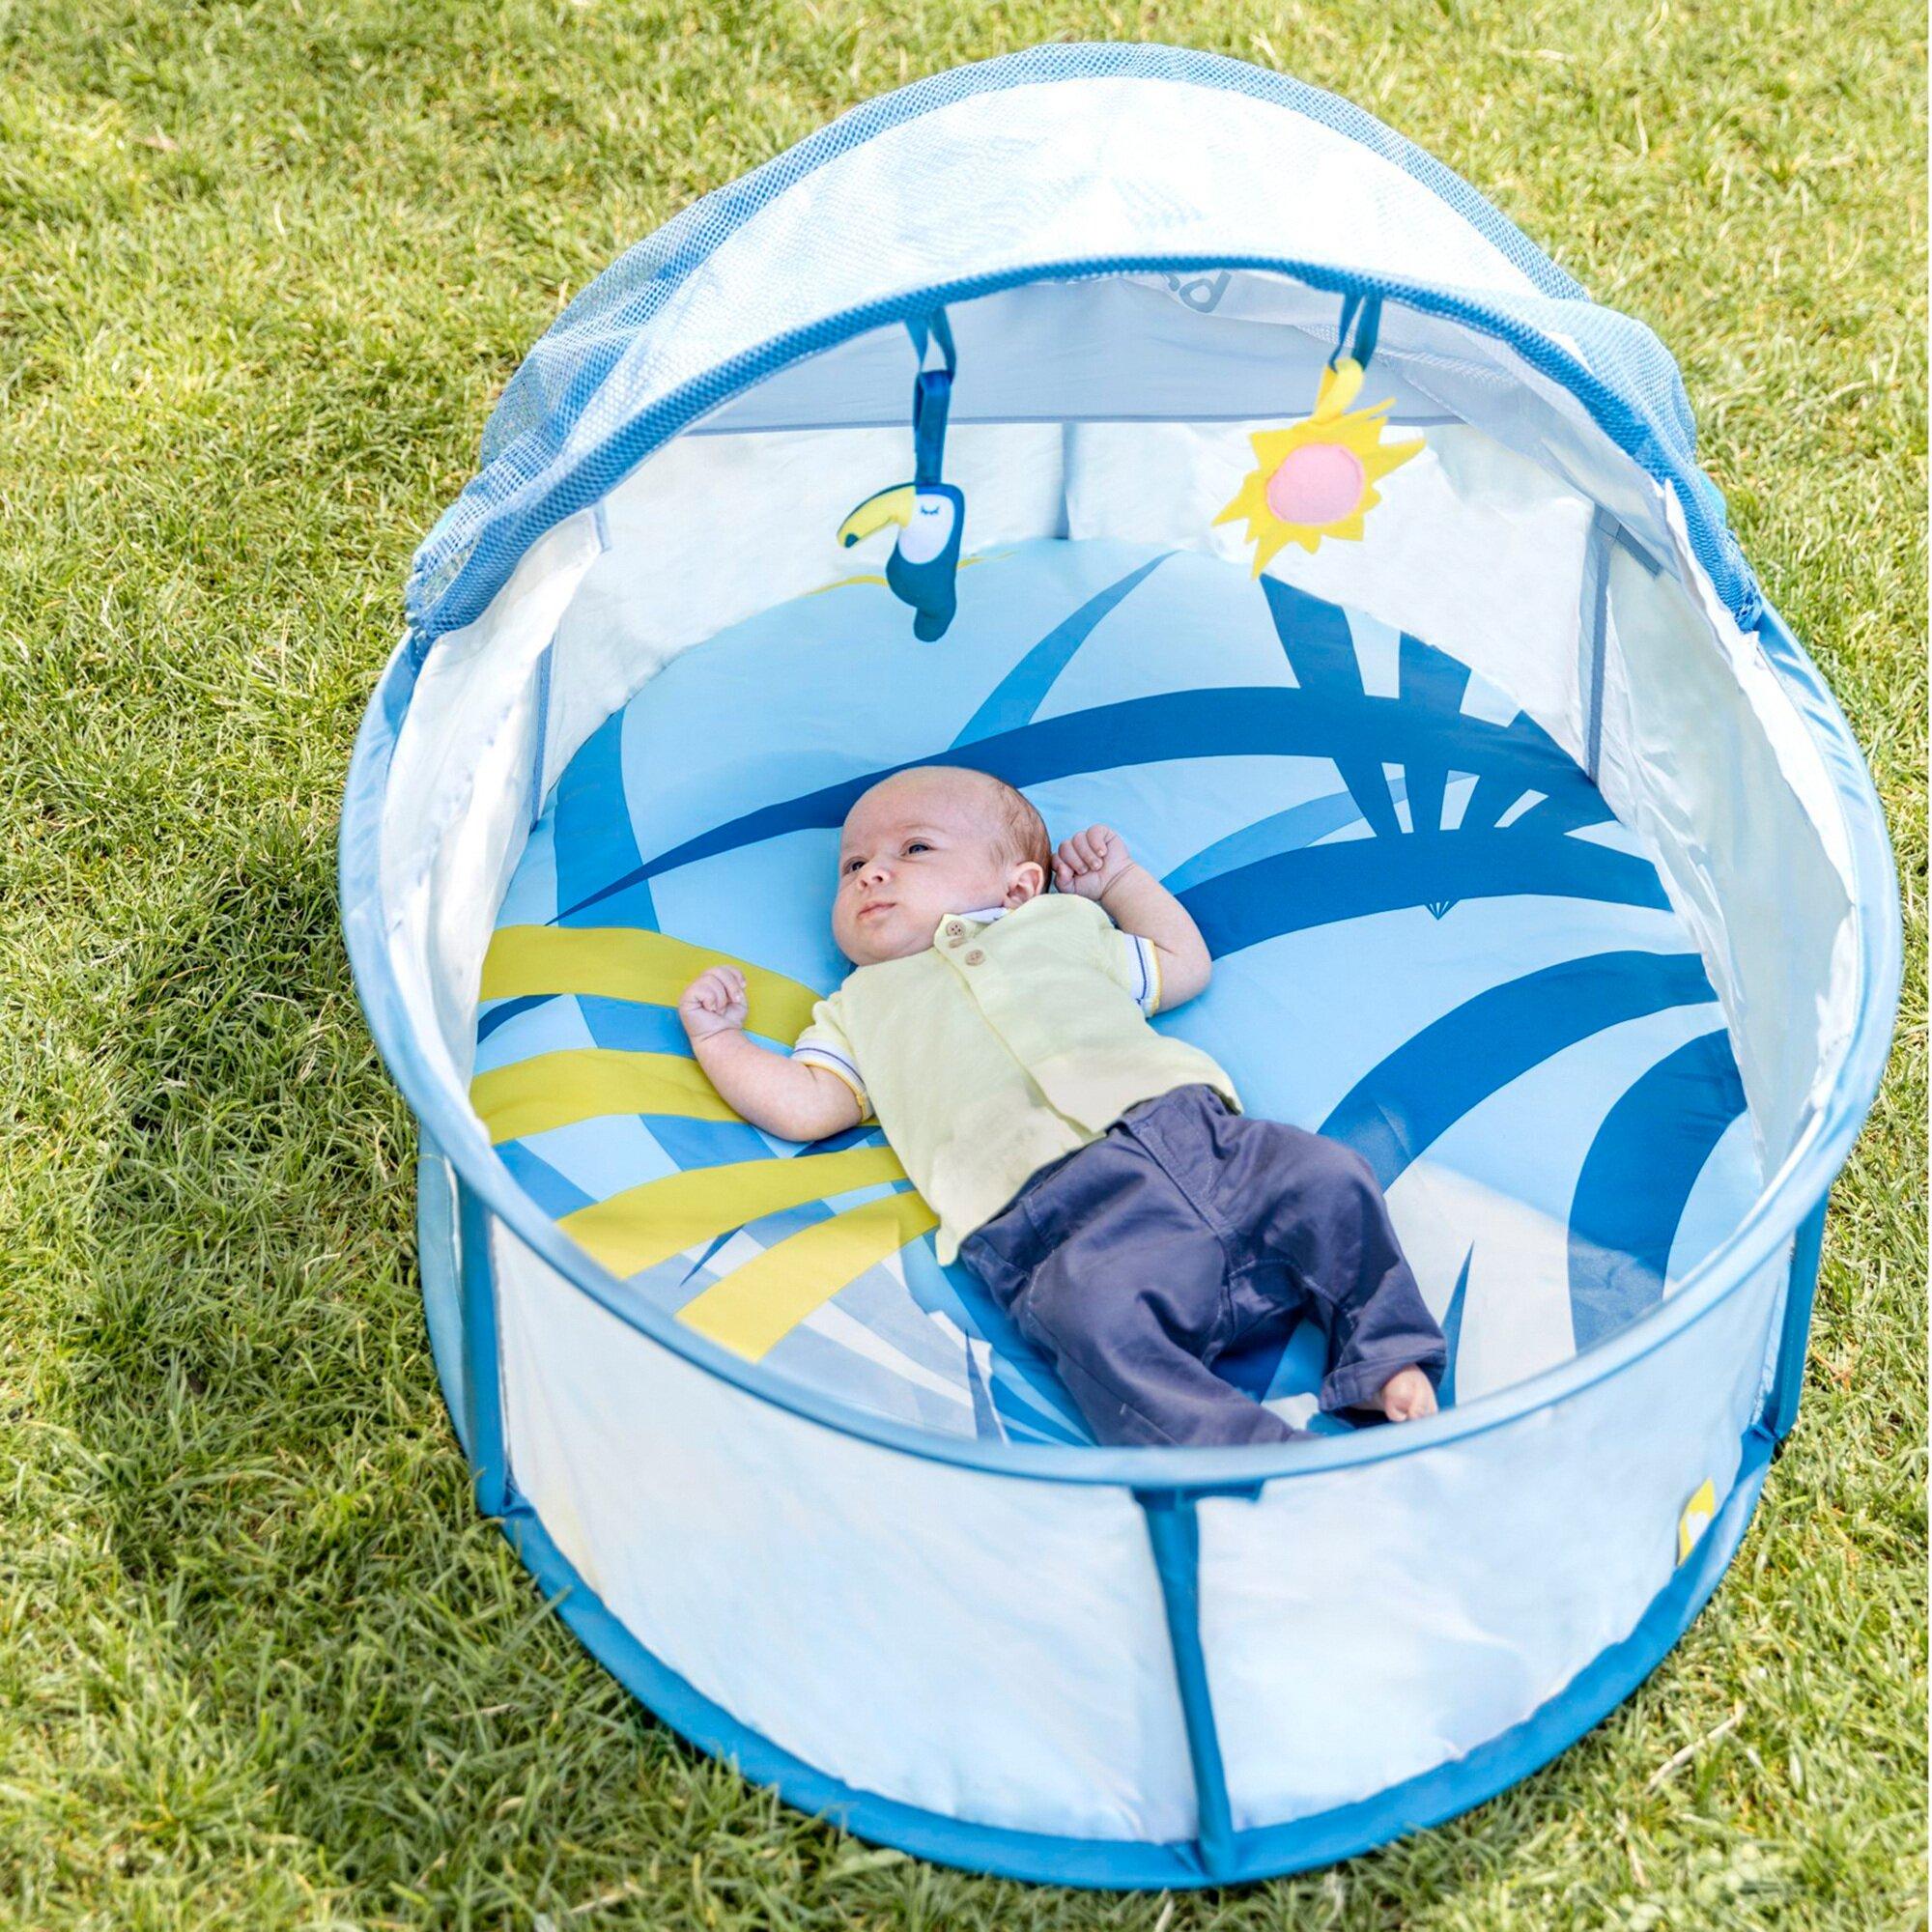 babymoov-reise-strandbett-little-babyni-tropical-mit-uv-schutz